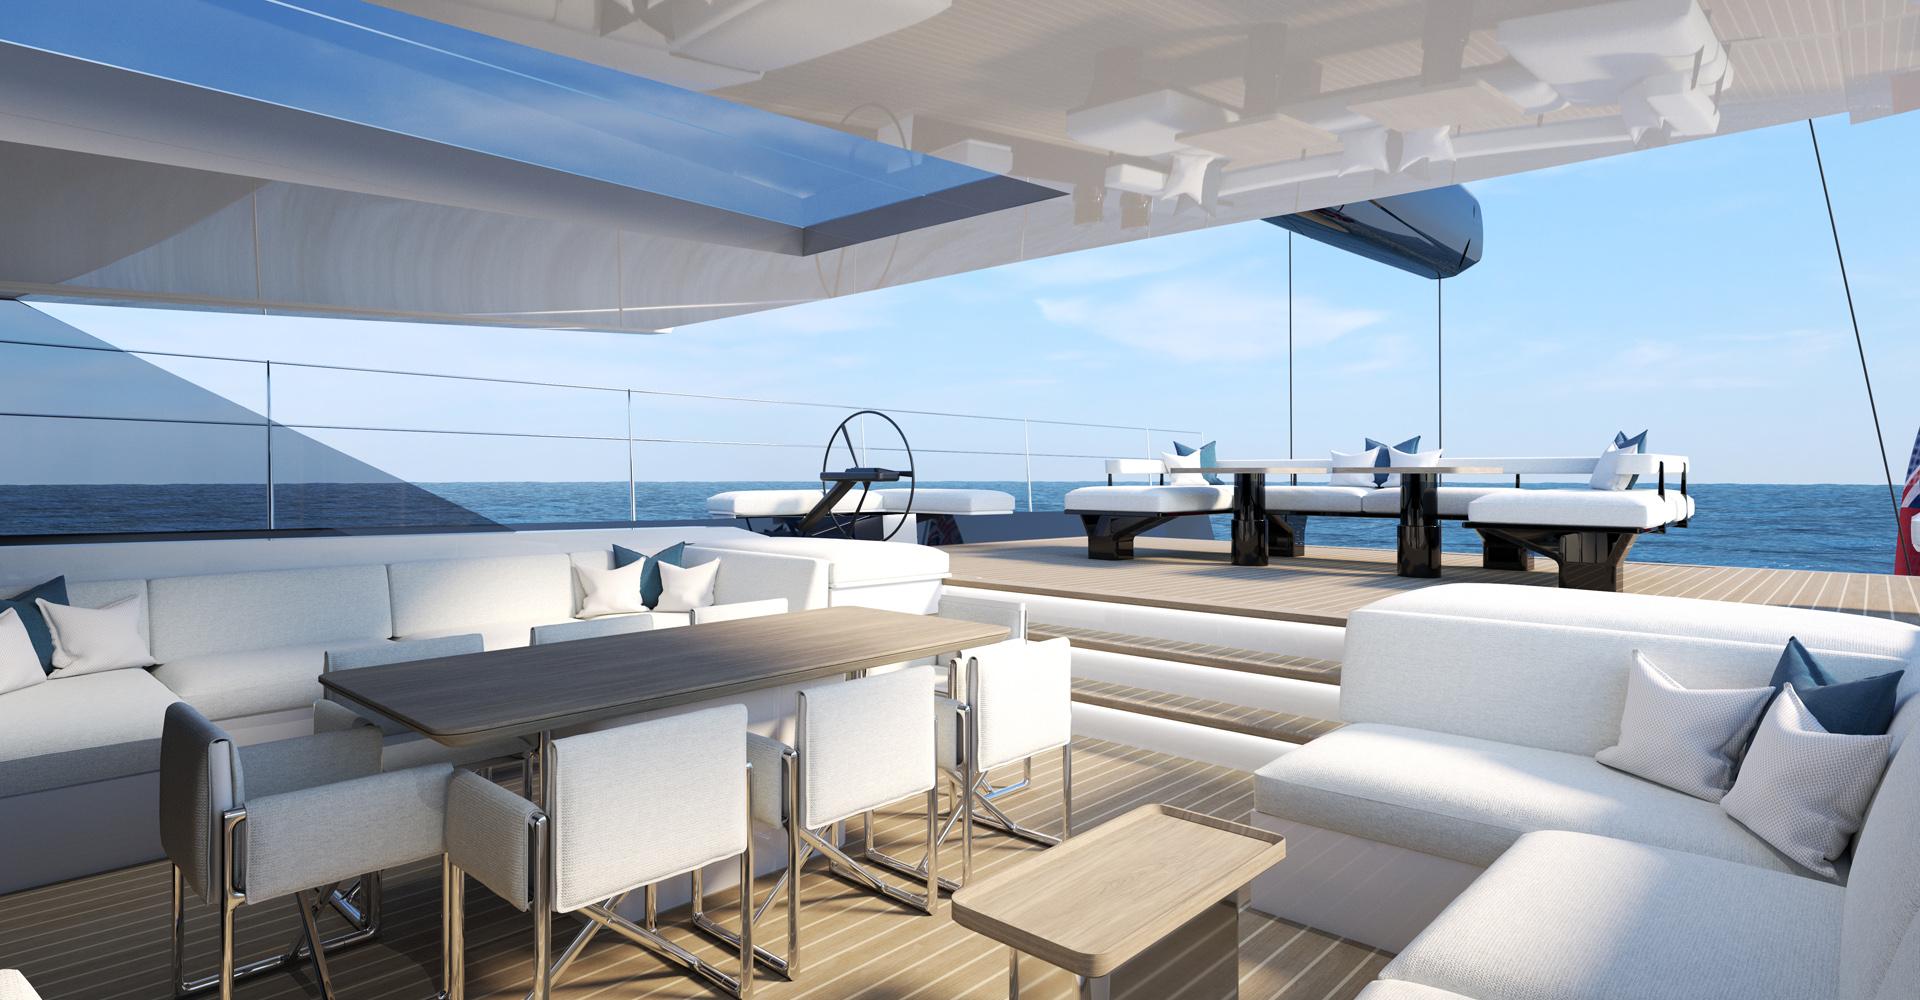 superyacht interior design